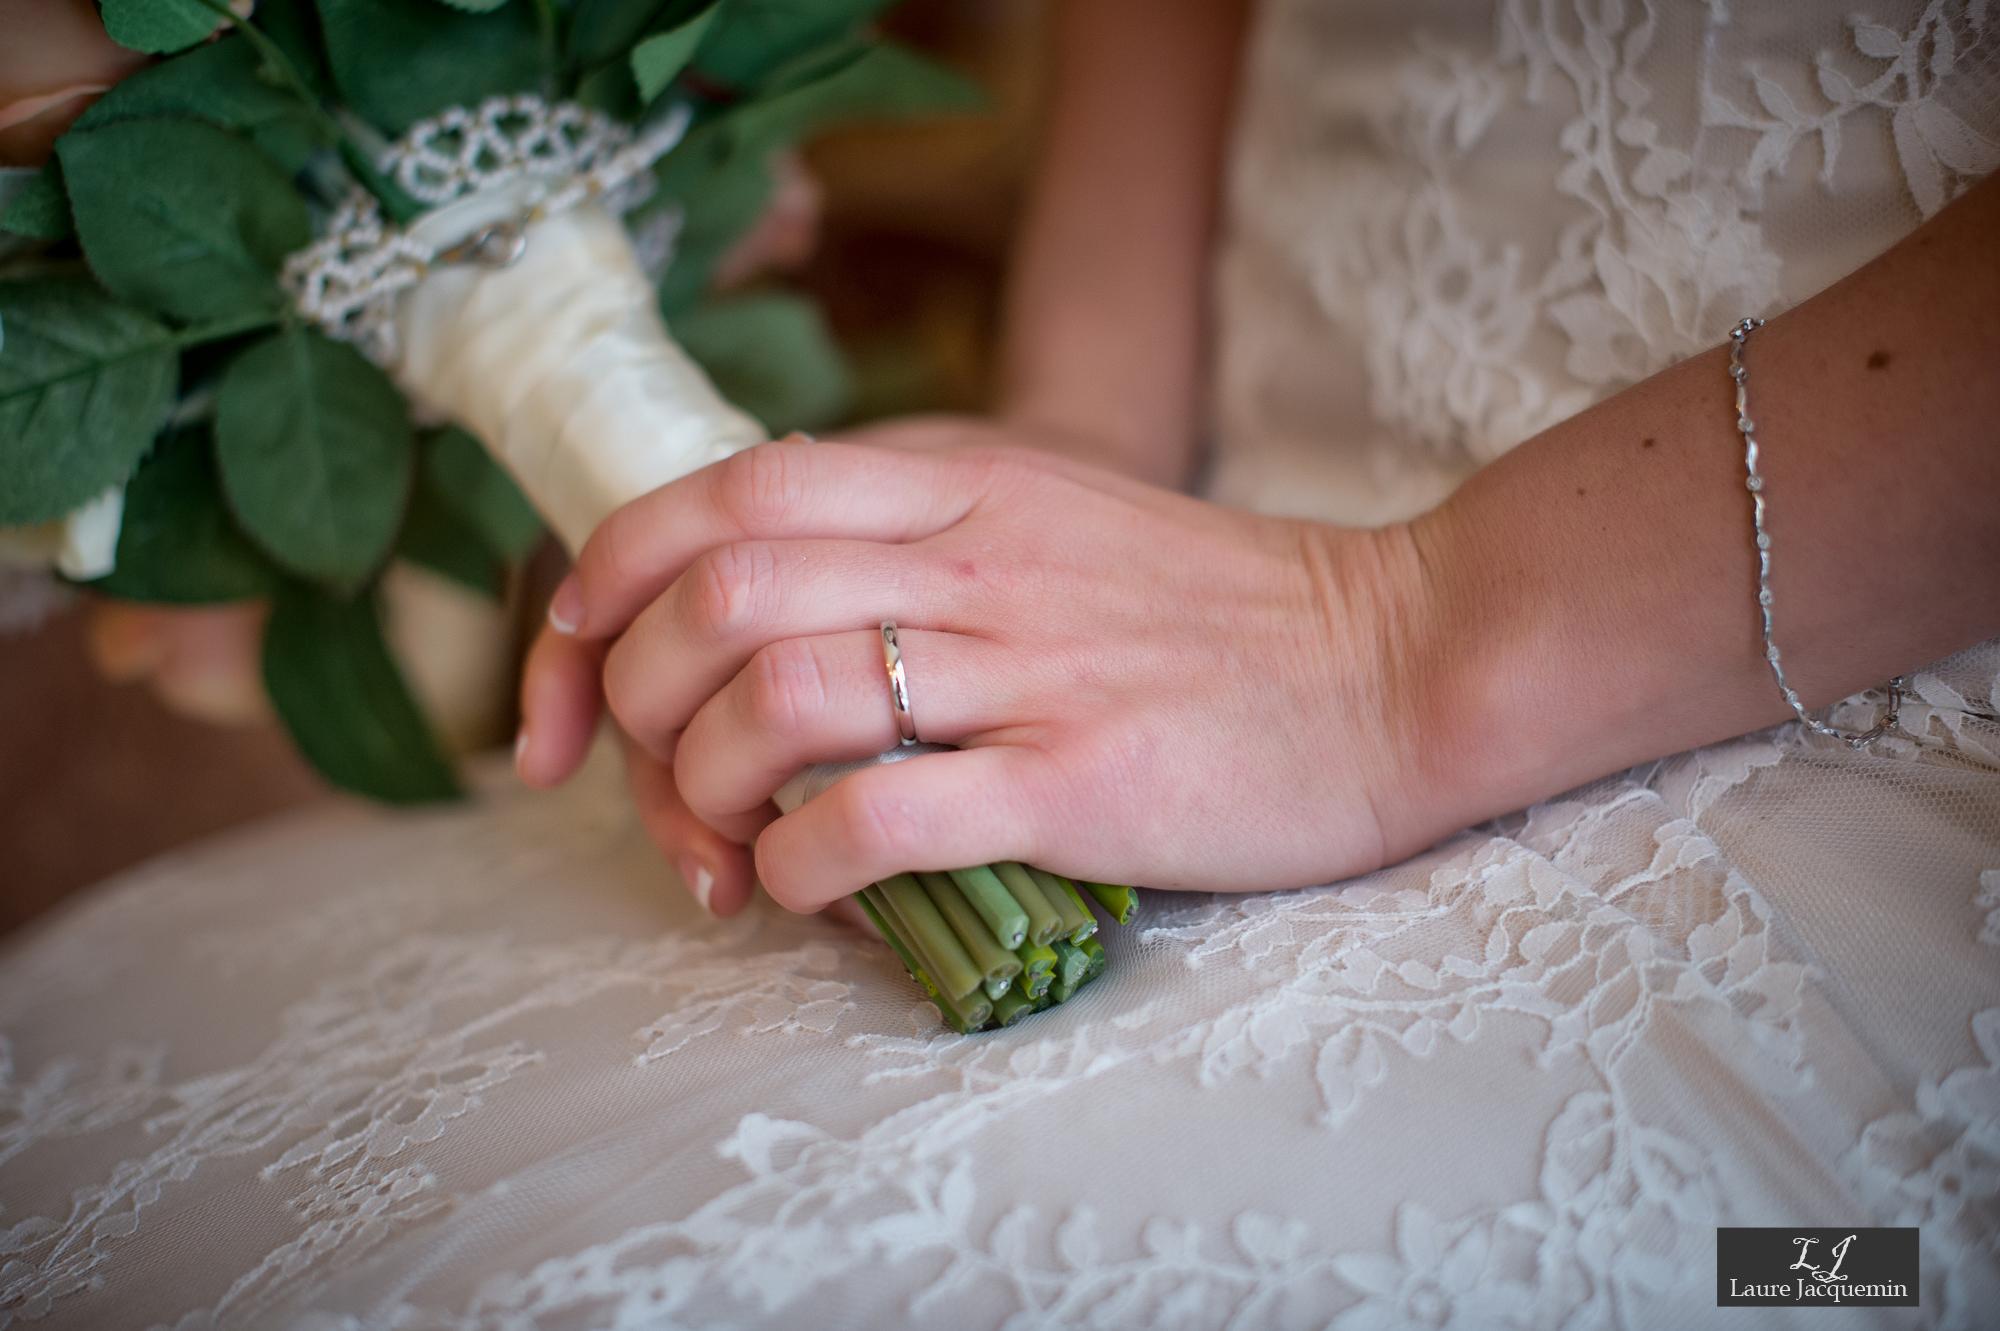 photographe mariage laure jacquemin palazzo cavalli service photographique (52)